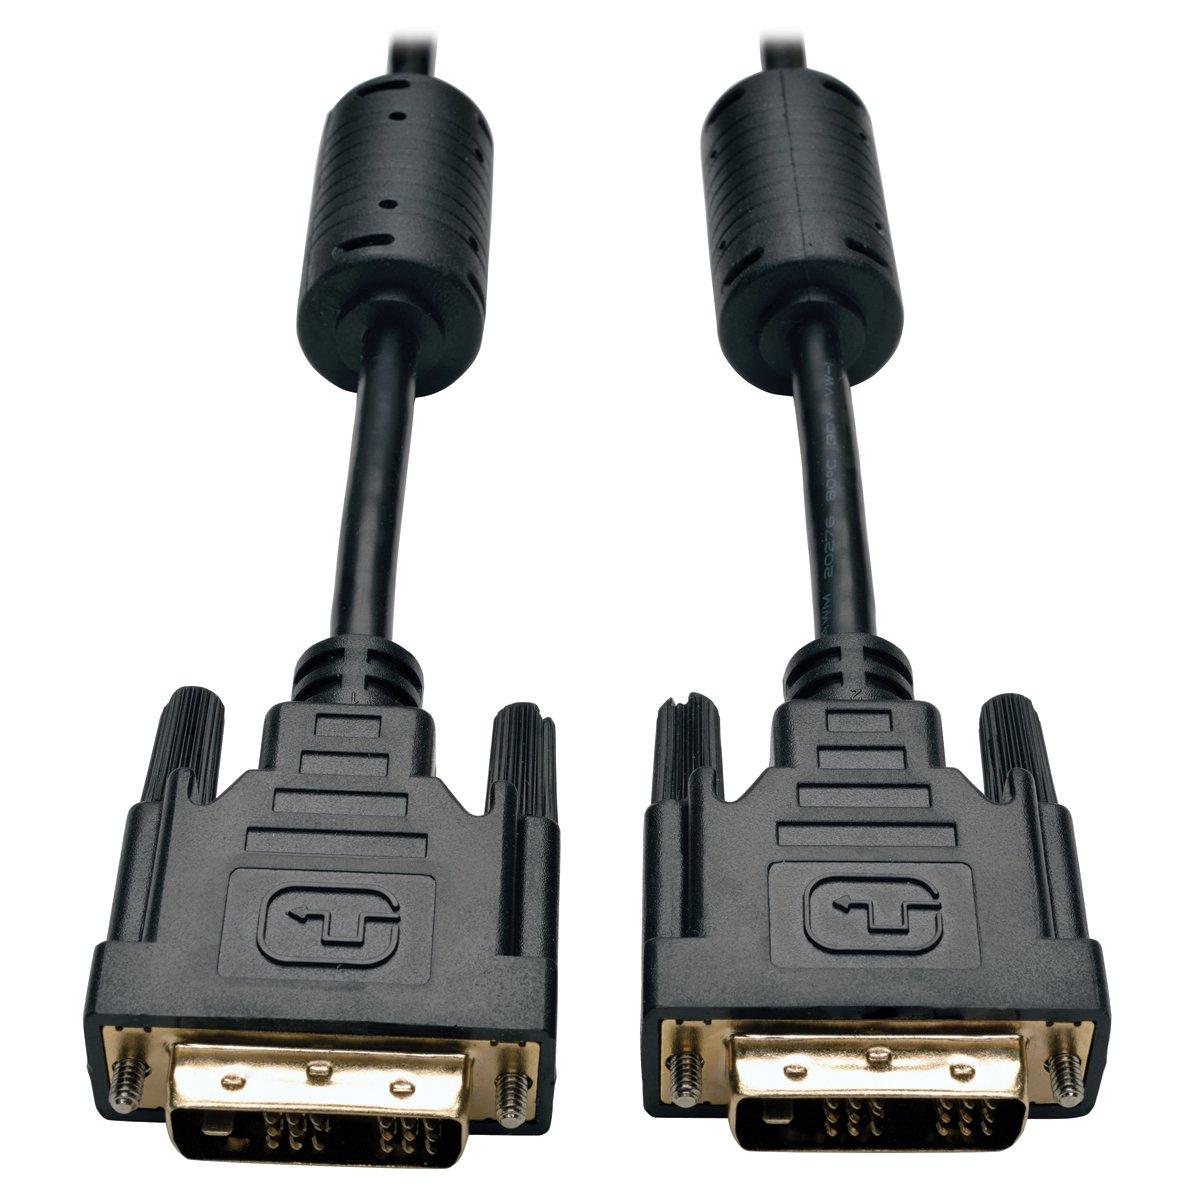 Tripp Lite Câble DVI Single Link, numérique TMDS Câble moniteur DVI-D (M/M) 0.91 m (3-ft.) noir numérique TMDS Câble moniteur DVI-D (M/M) 0.91 m (3-ft.) noir P561-003